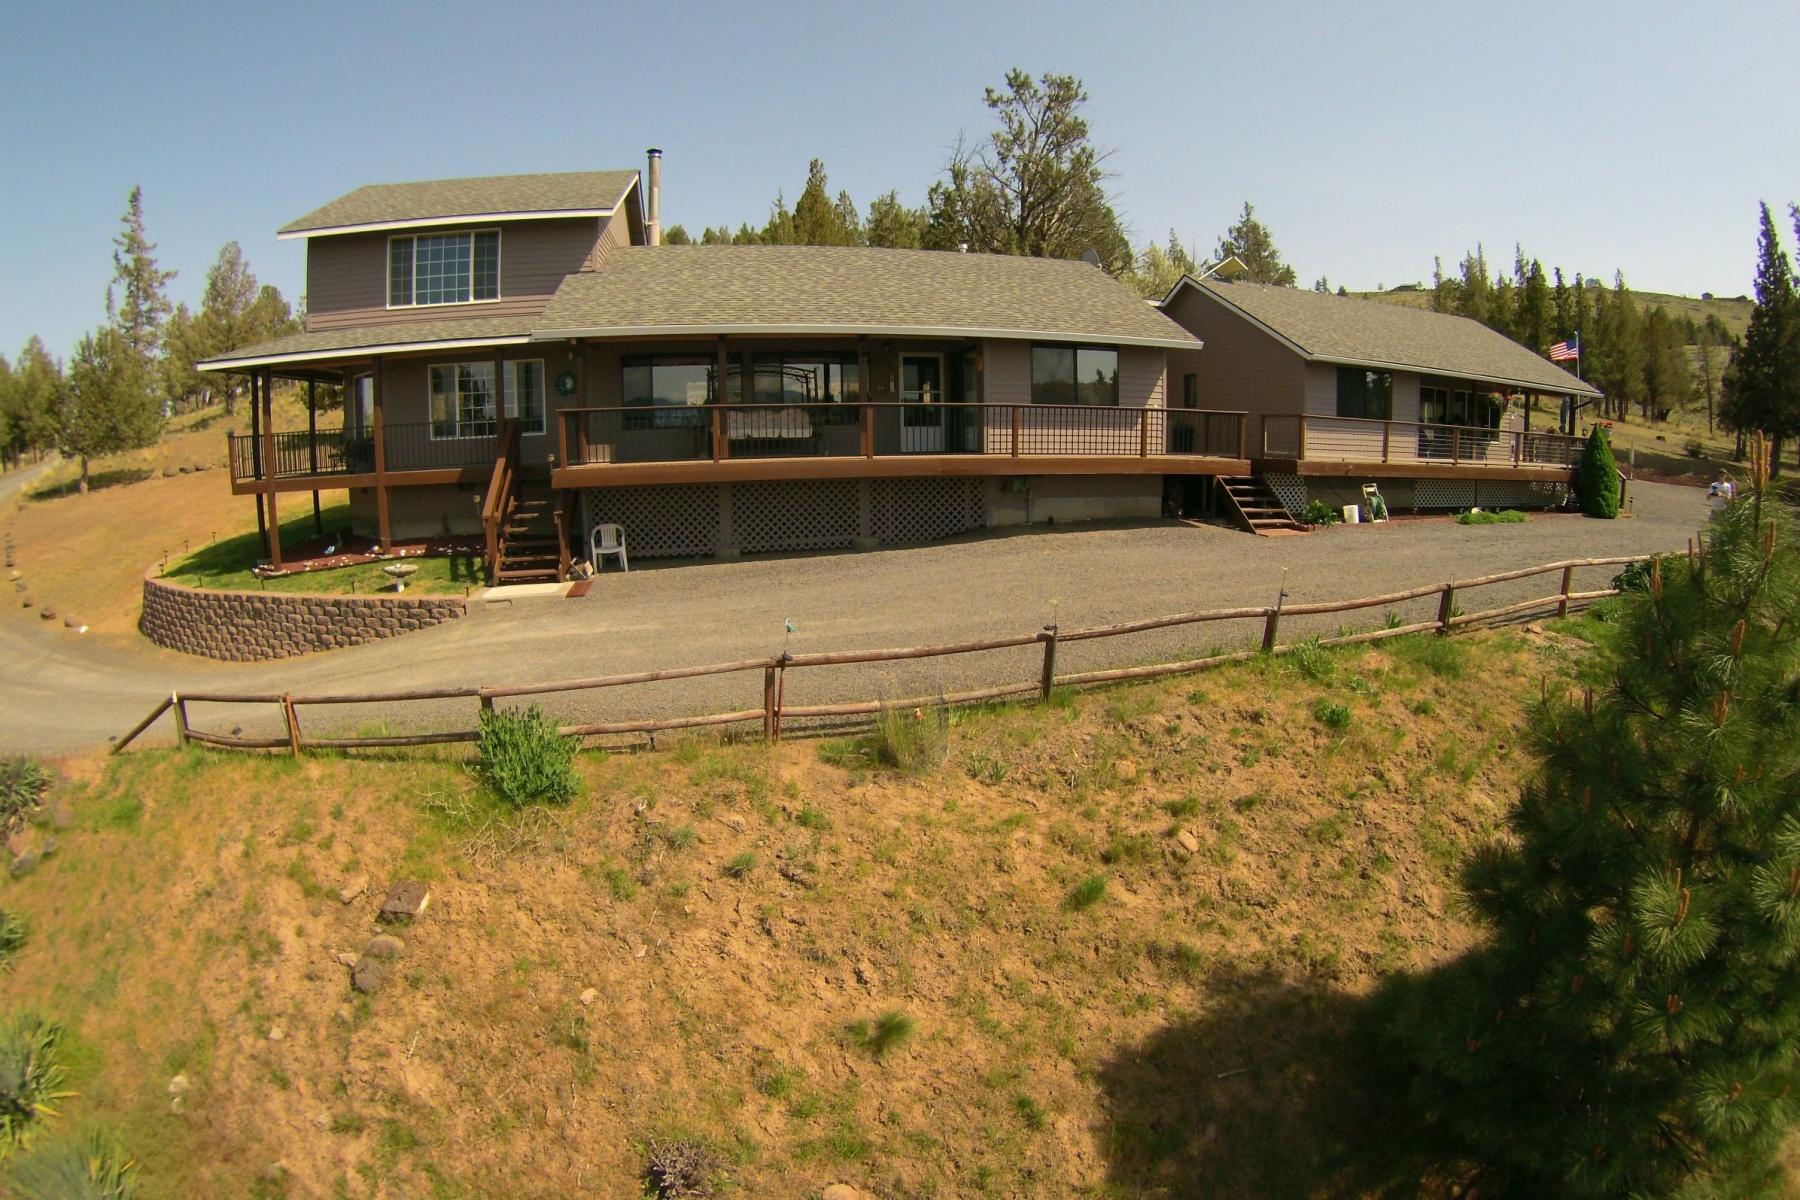 Doppelhaus für Verkauf beim 4100 SW Lakeview Drive A & B, CULVER 4100 SW Lakeview Dr A & B Culver, Oregon, 97734 Vereinigte Staaten